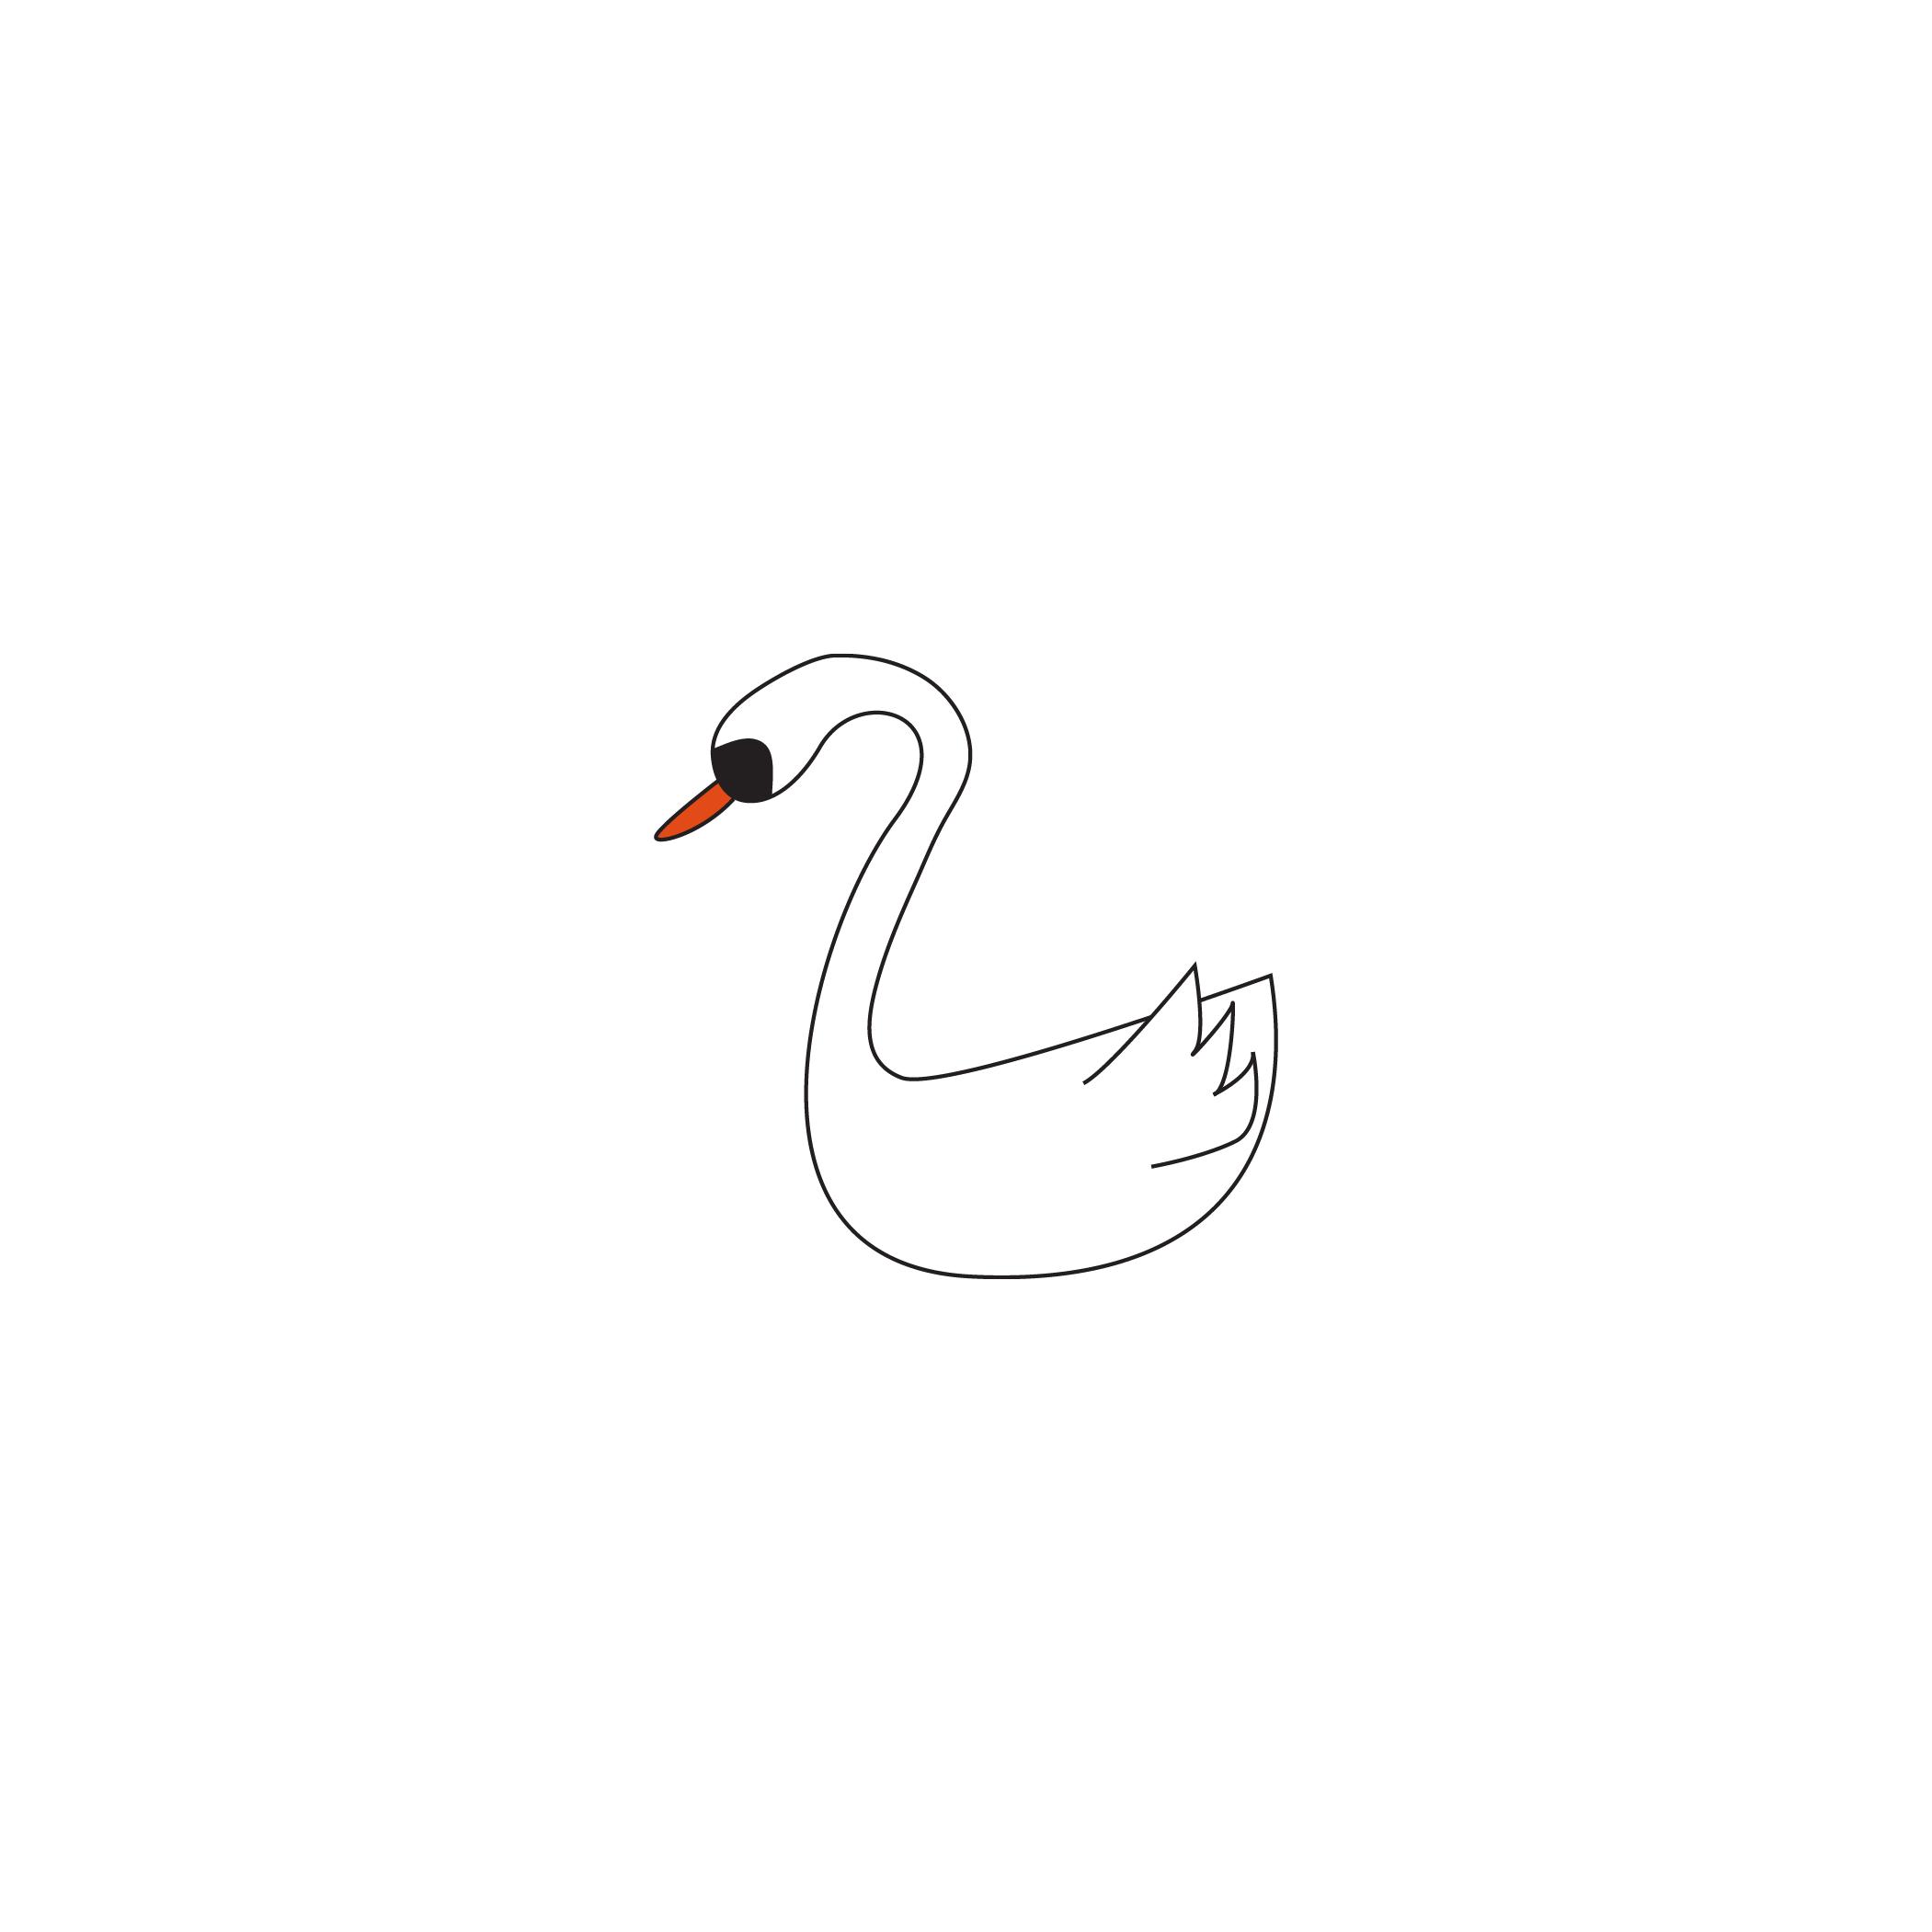 White Swan_Artboard 2.png